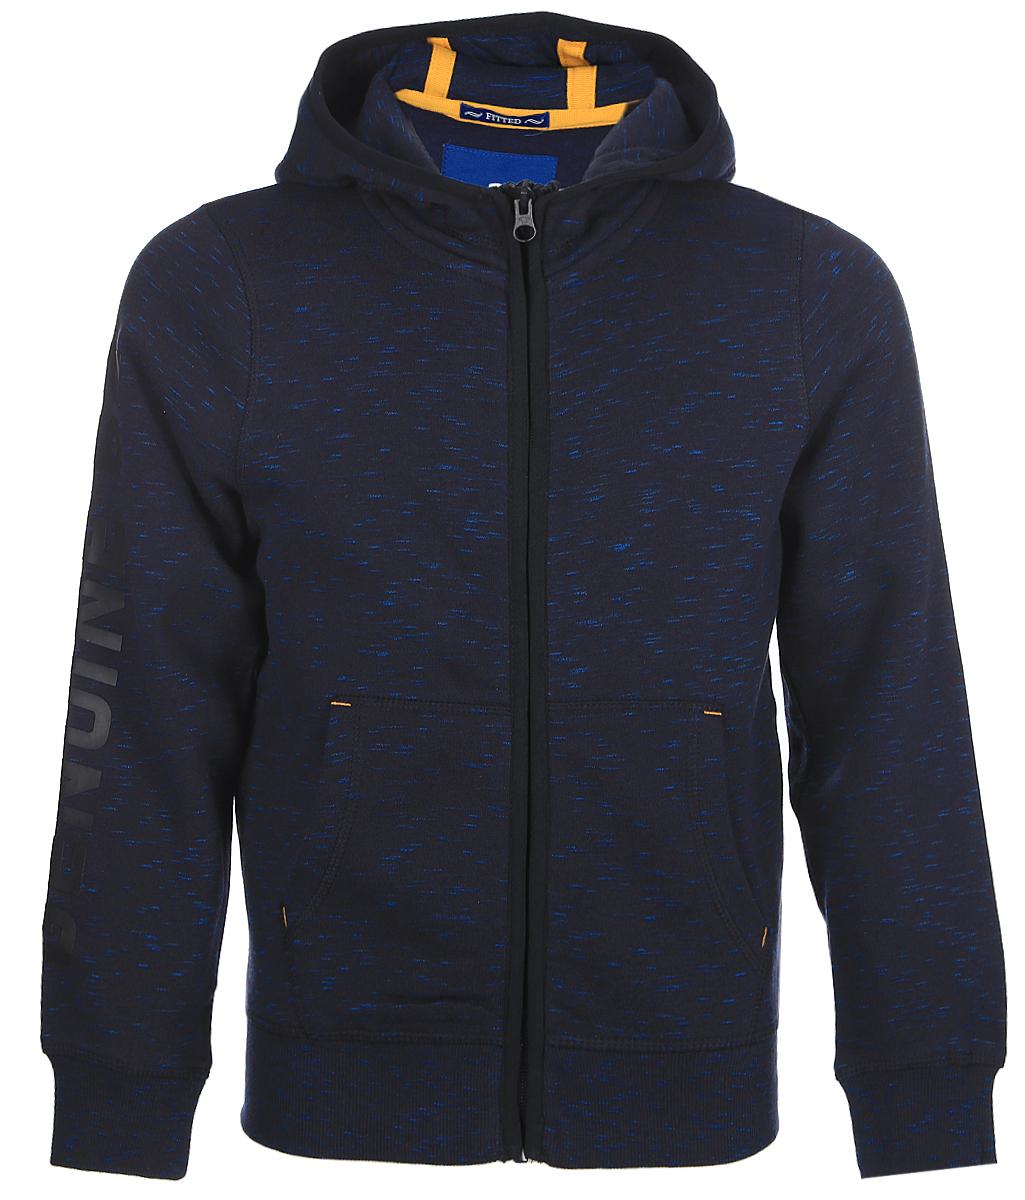 Кардиган для мальчиков Tom Tailor, цвет: синий. 2531449.00.30_6800. Размер 1642531449.00.30_6800